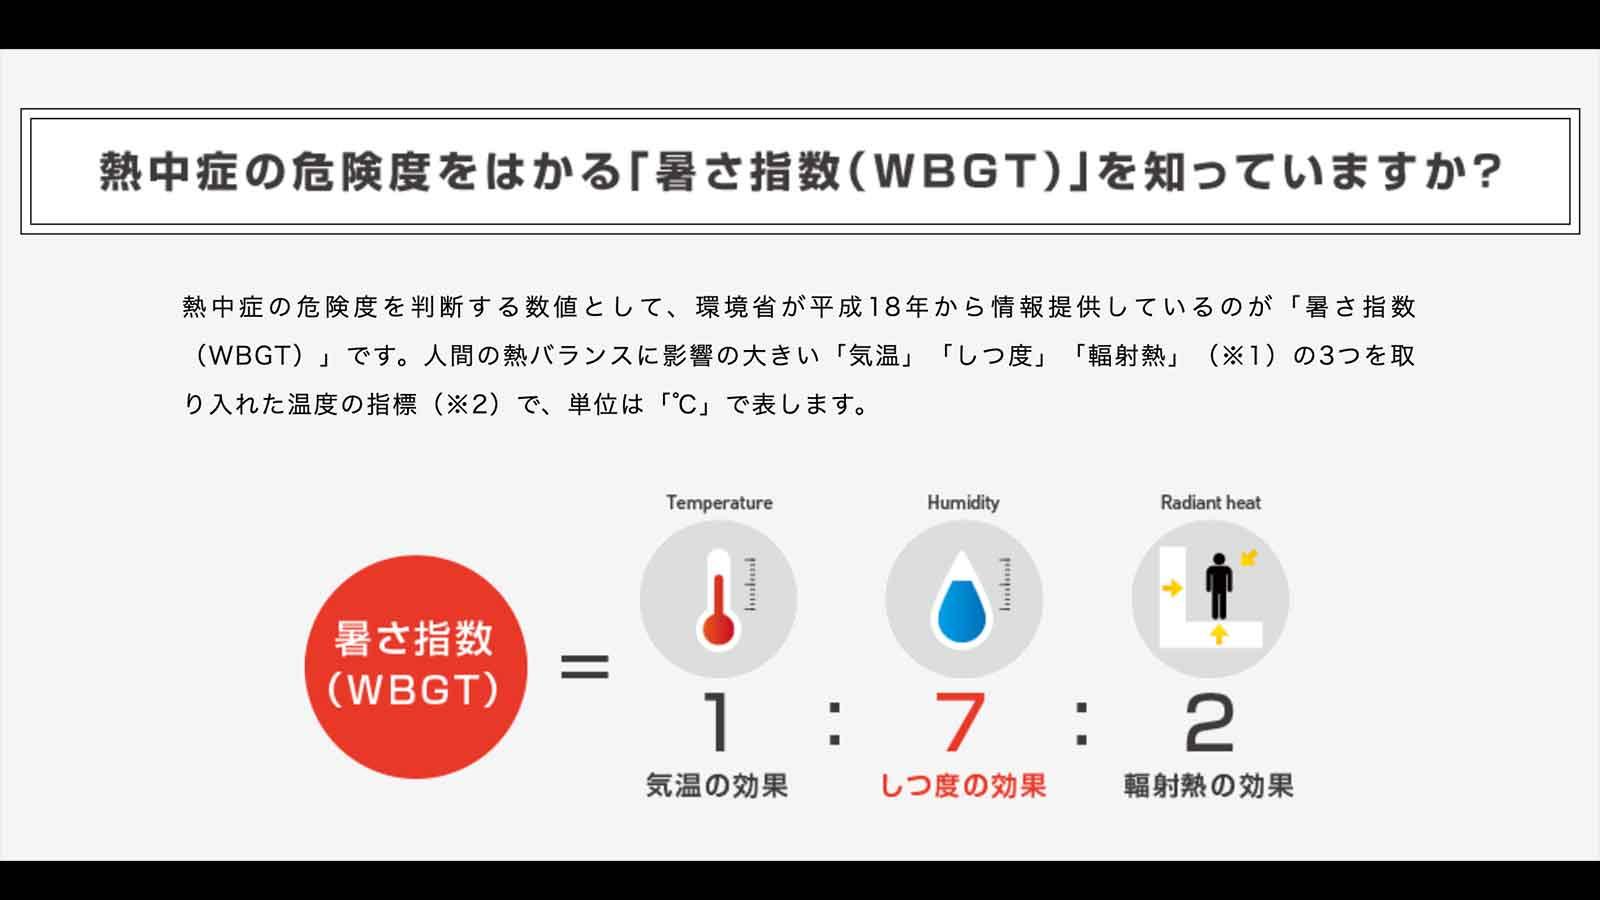 WGBT値とは